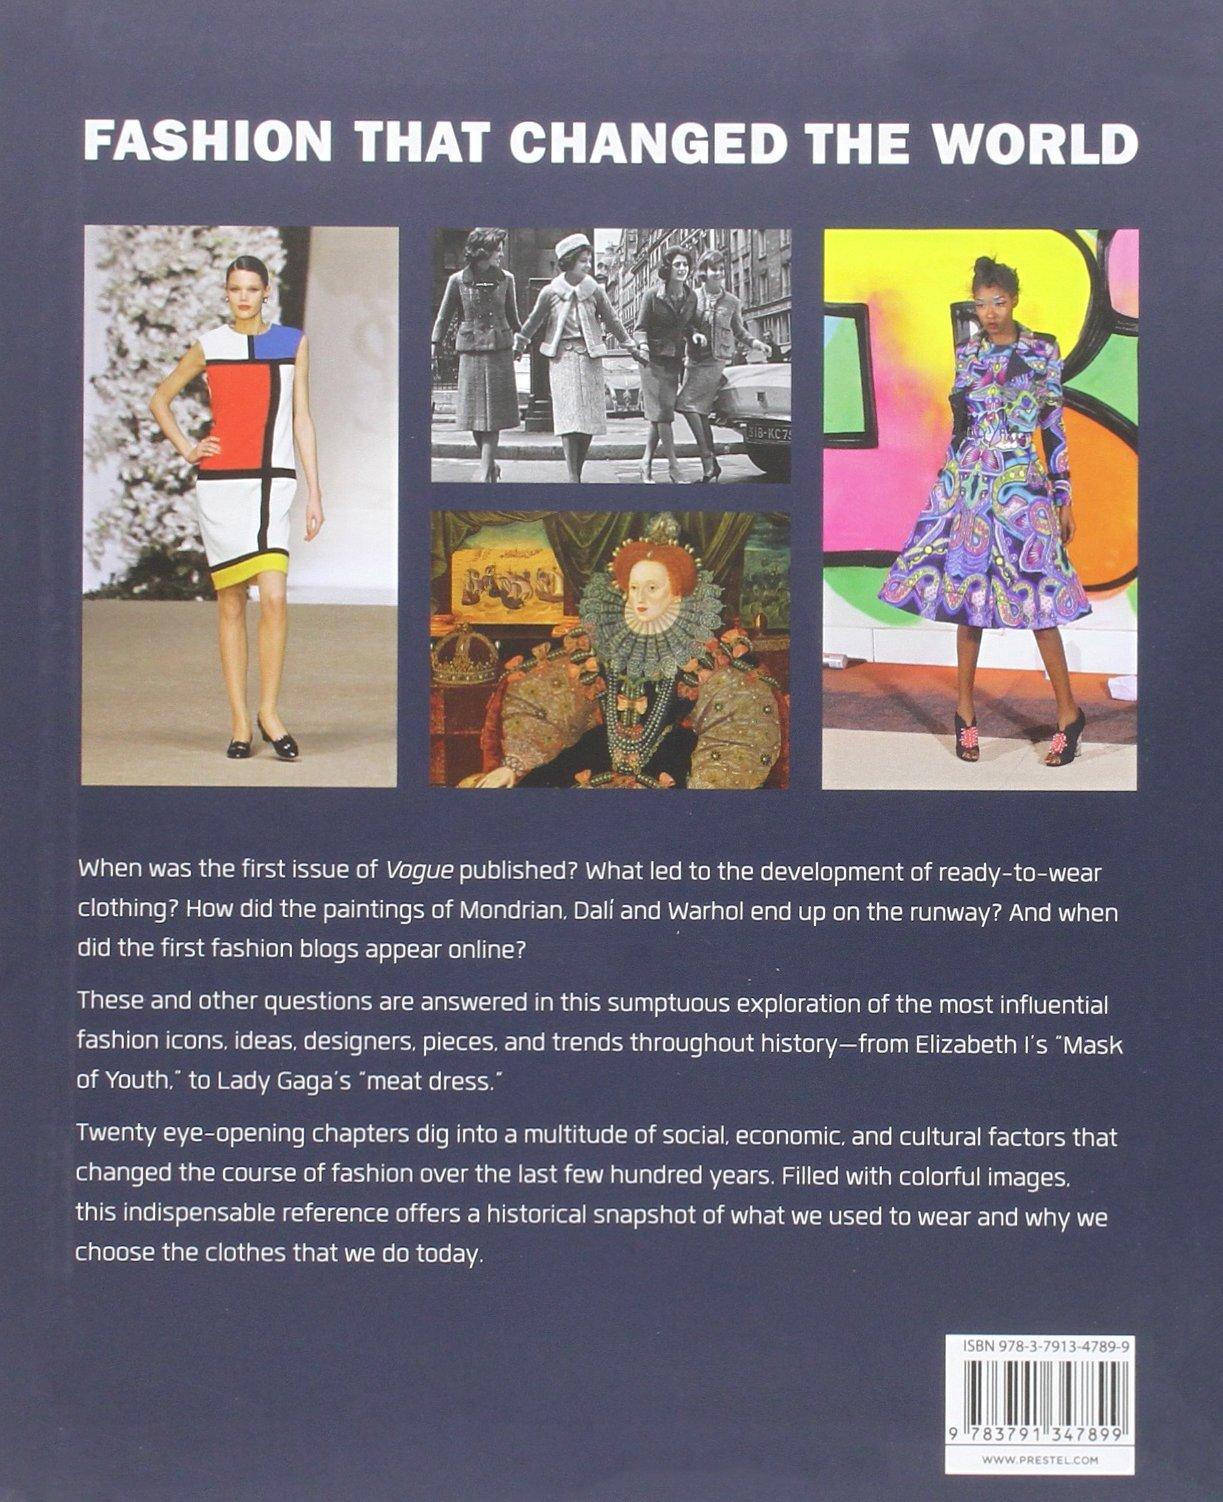 Fashion that Changed the World: Jennifer Croll